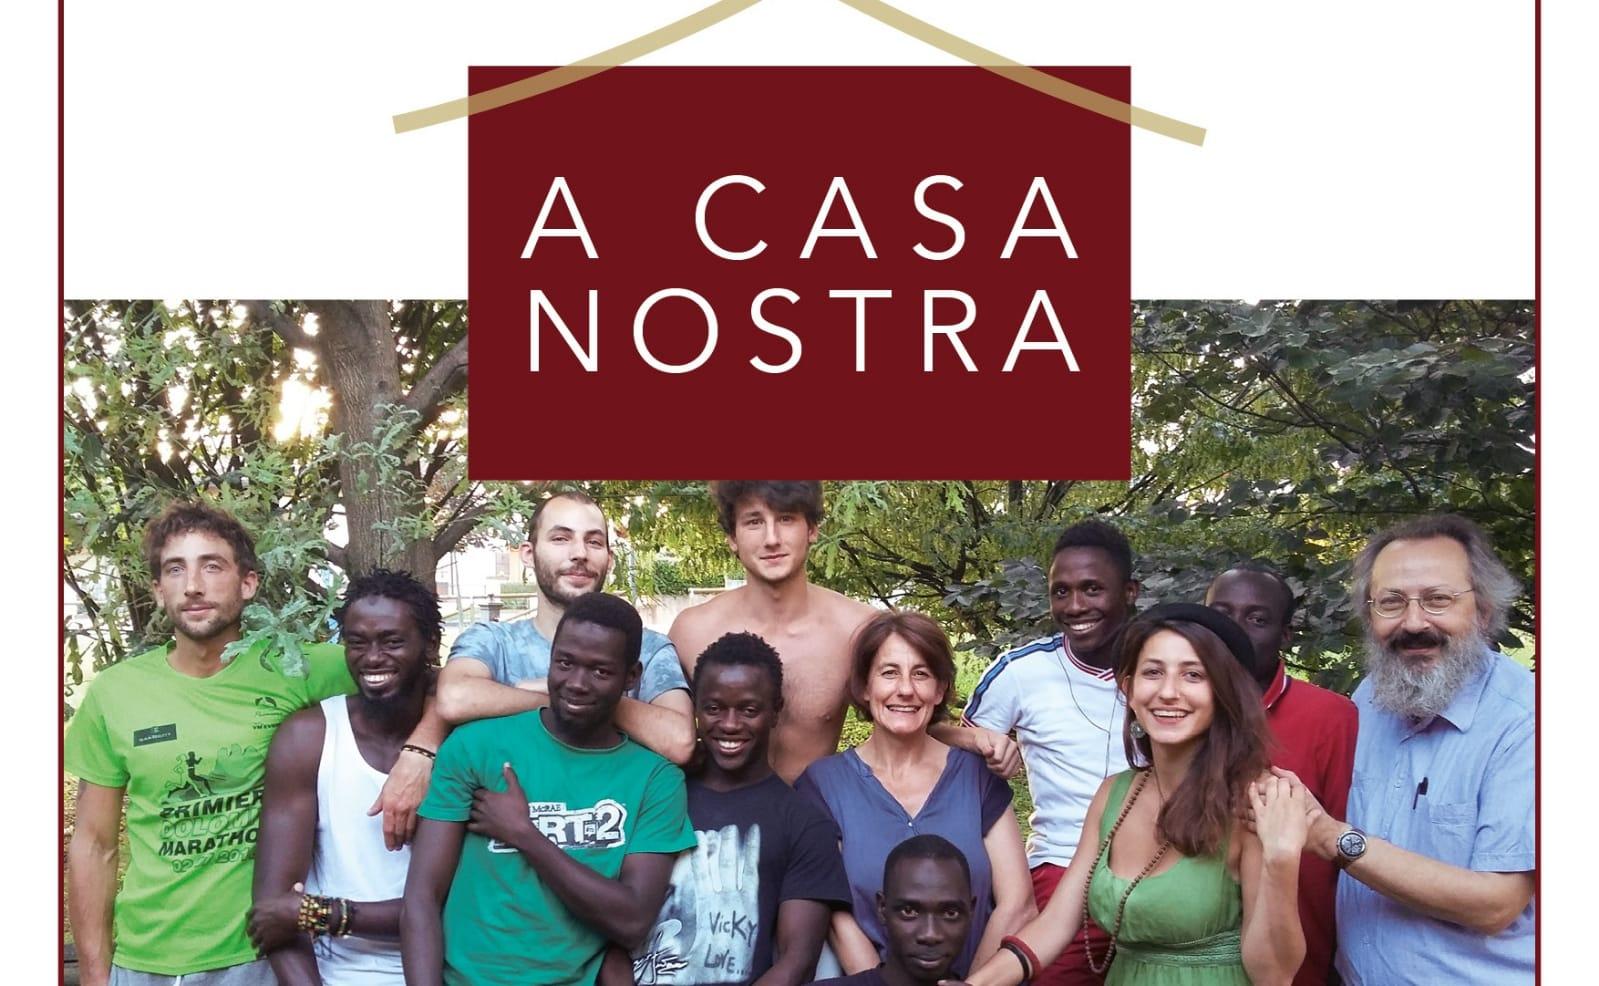 Migranti Accolti A Casa Nostra: La Testimonianza Di Nicoletta